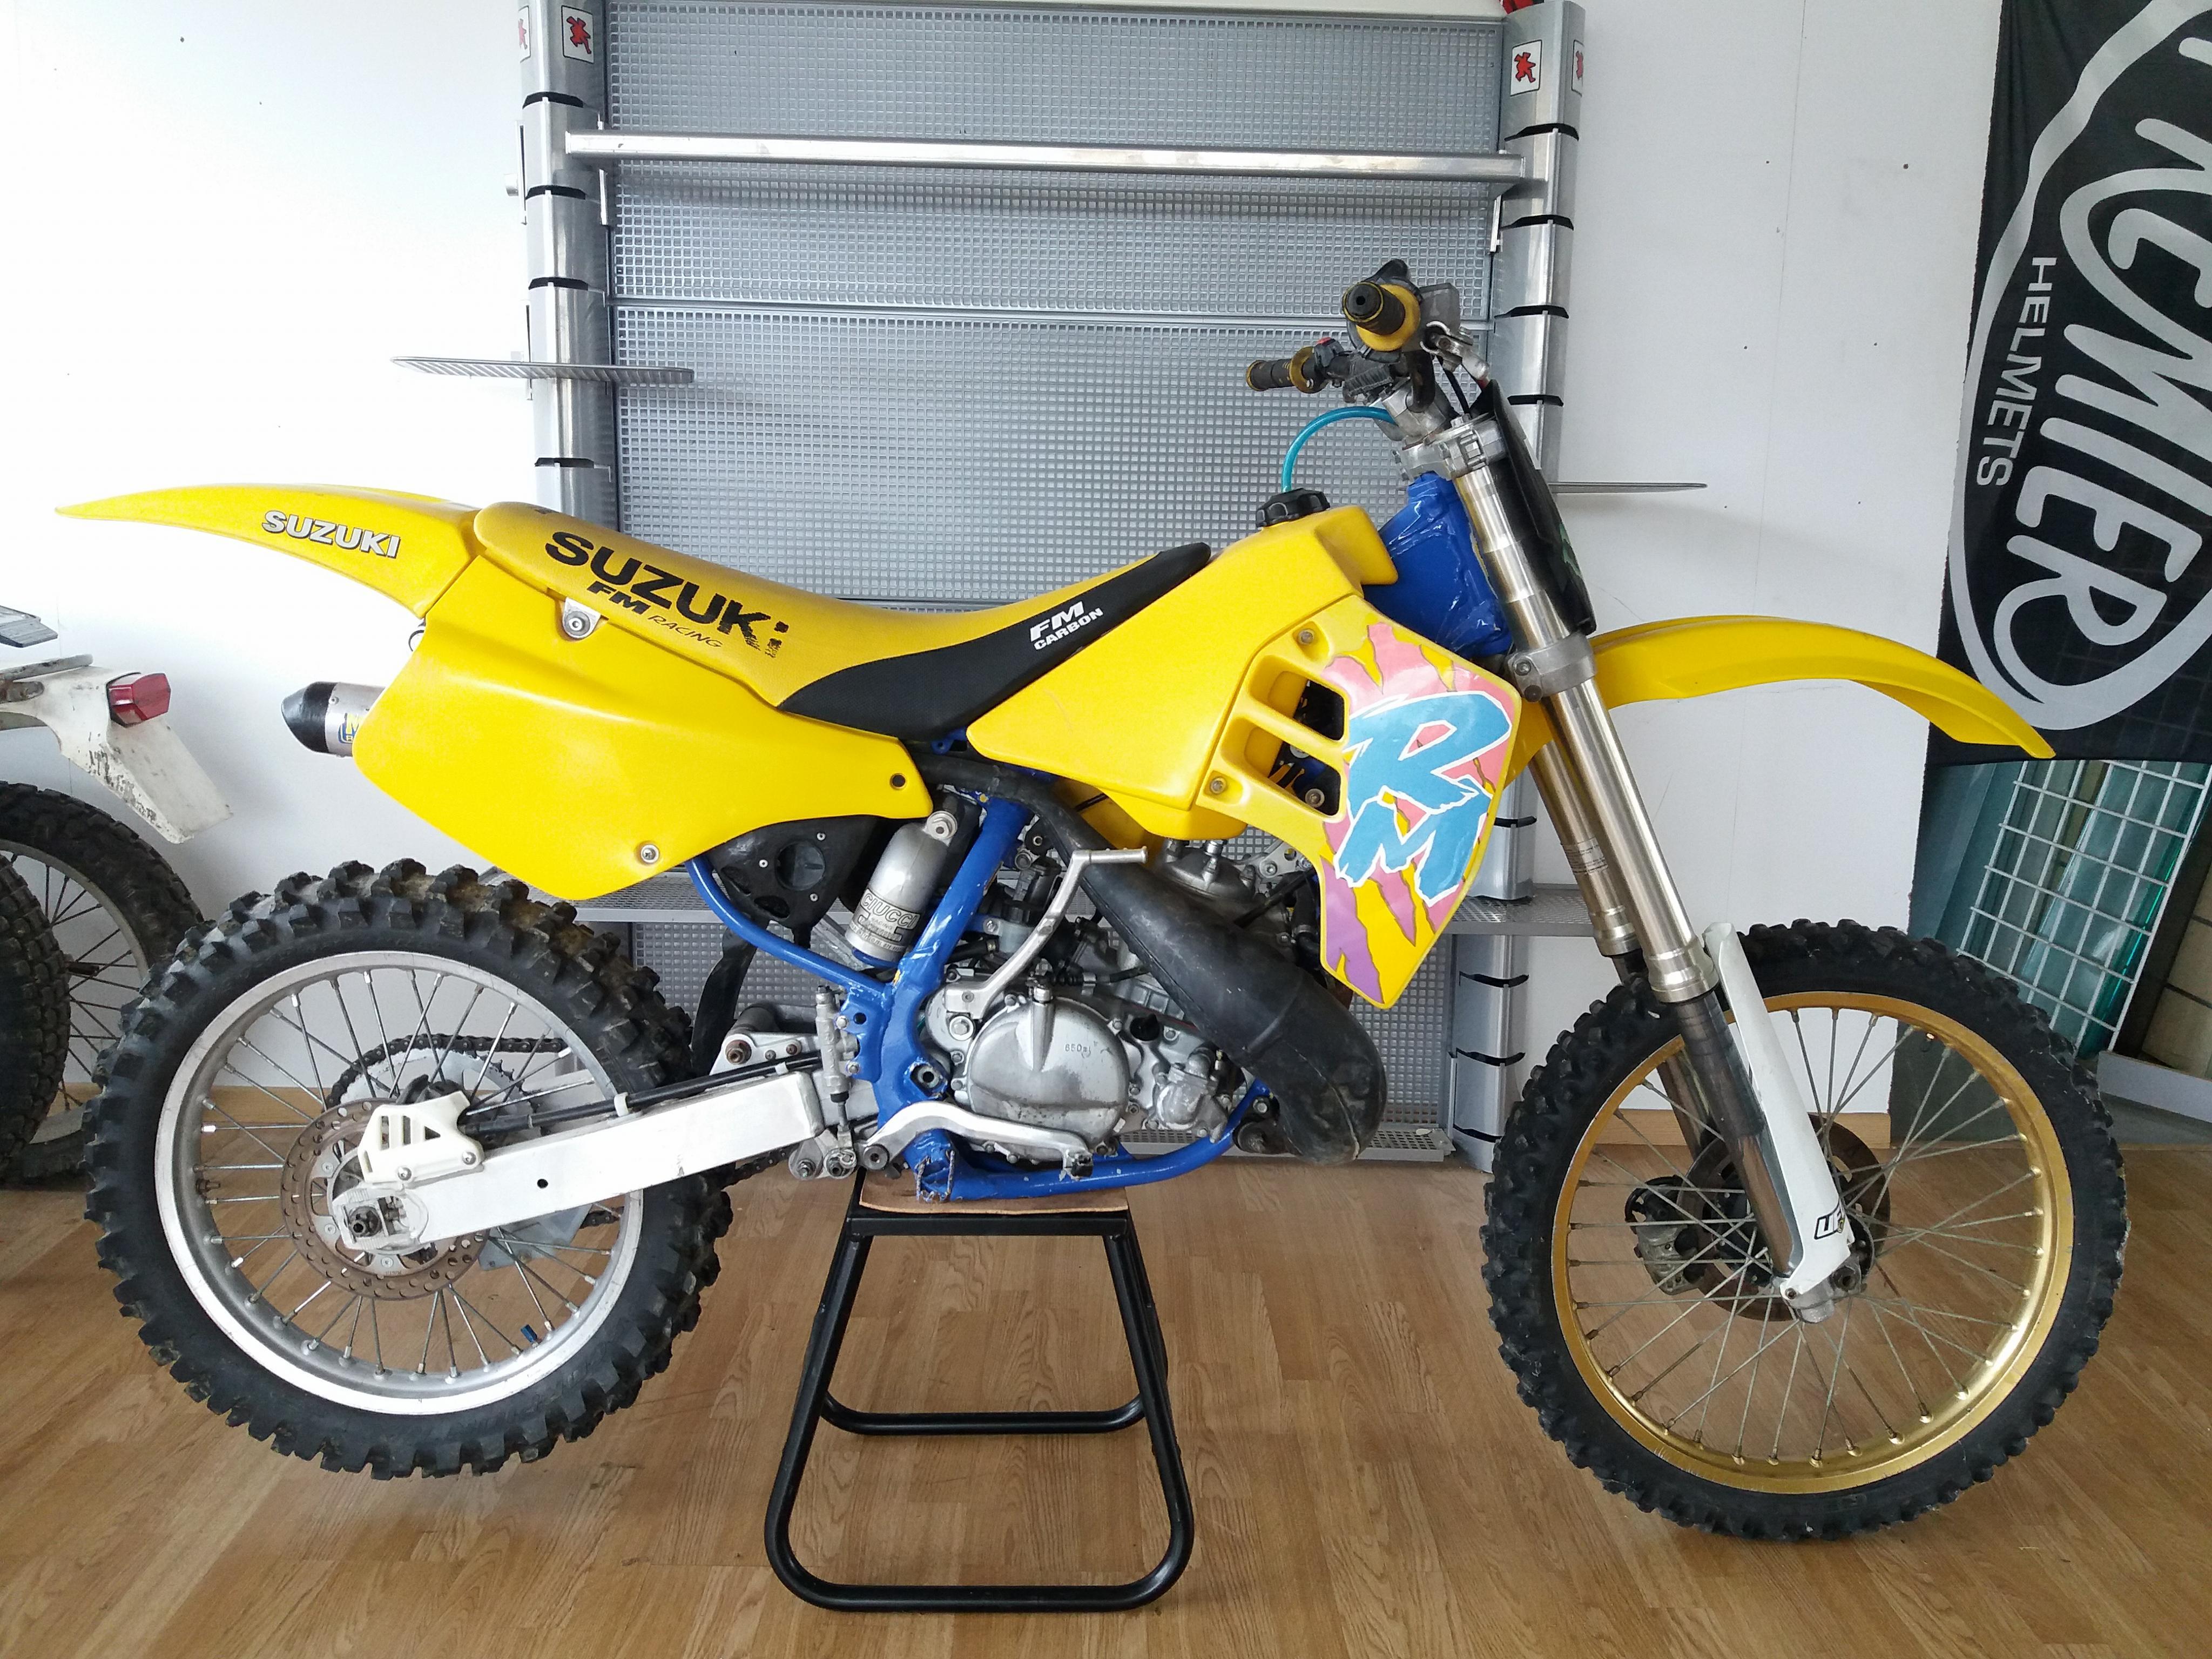 Suzuki rm 250 1992